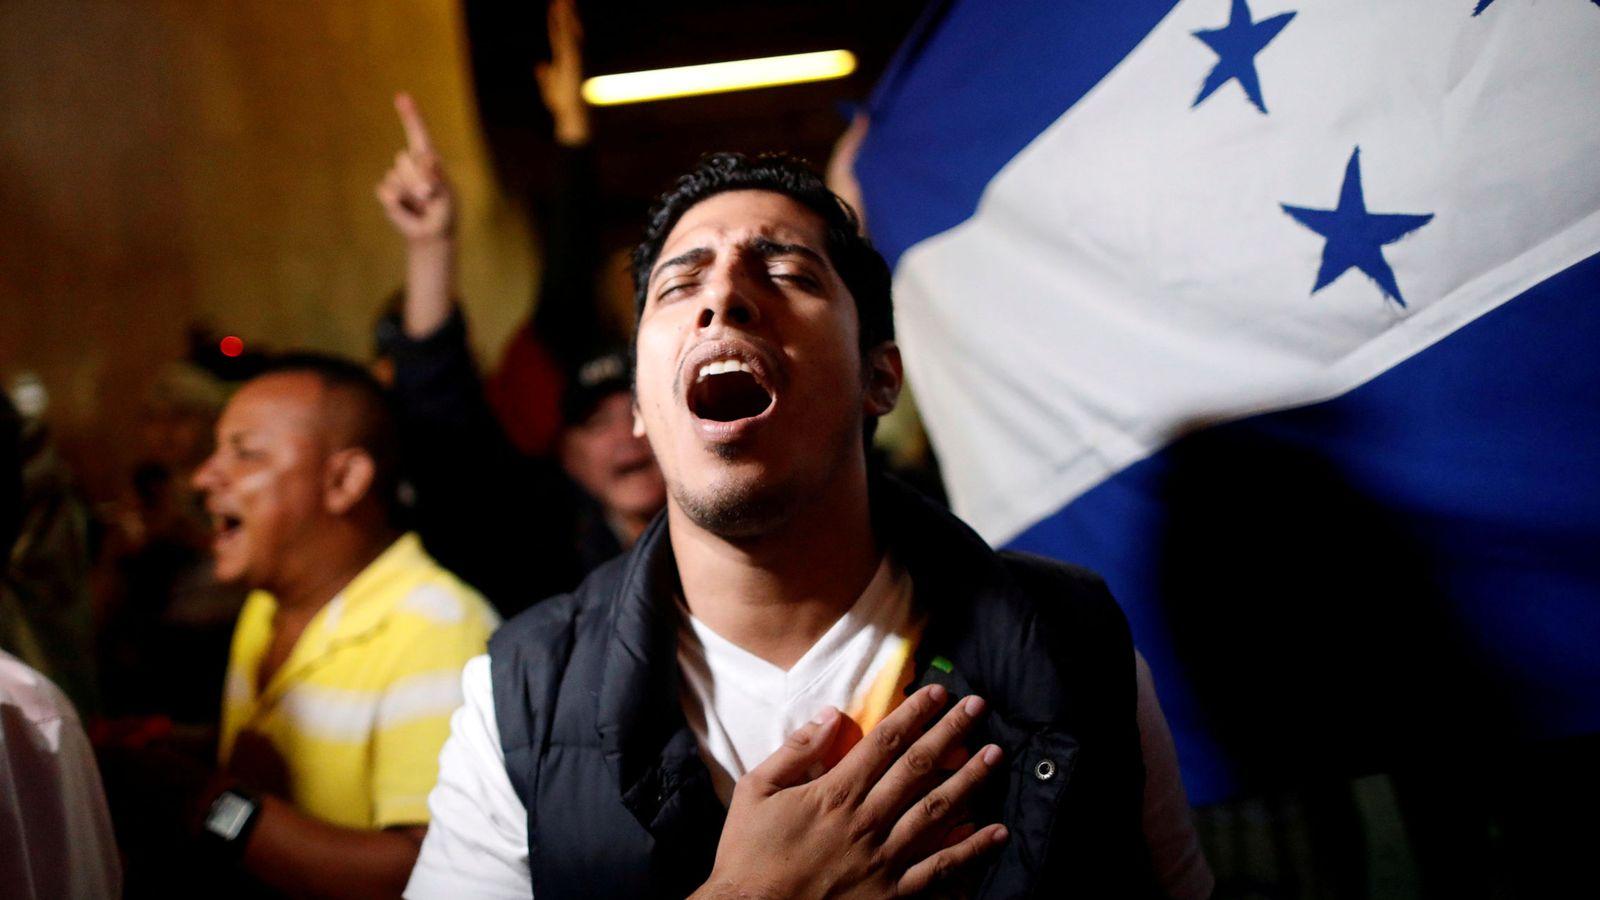 Foto: Un partidario del candidato opositor Salvador Nasralla canta el himno nacional tras conocerse los primeros resultados electorales. (Reuters)